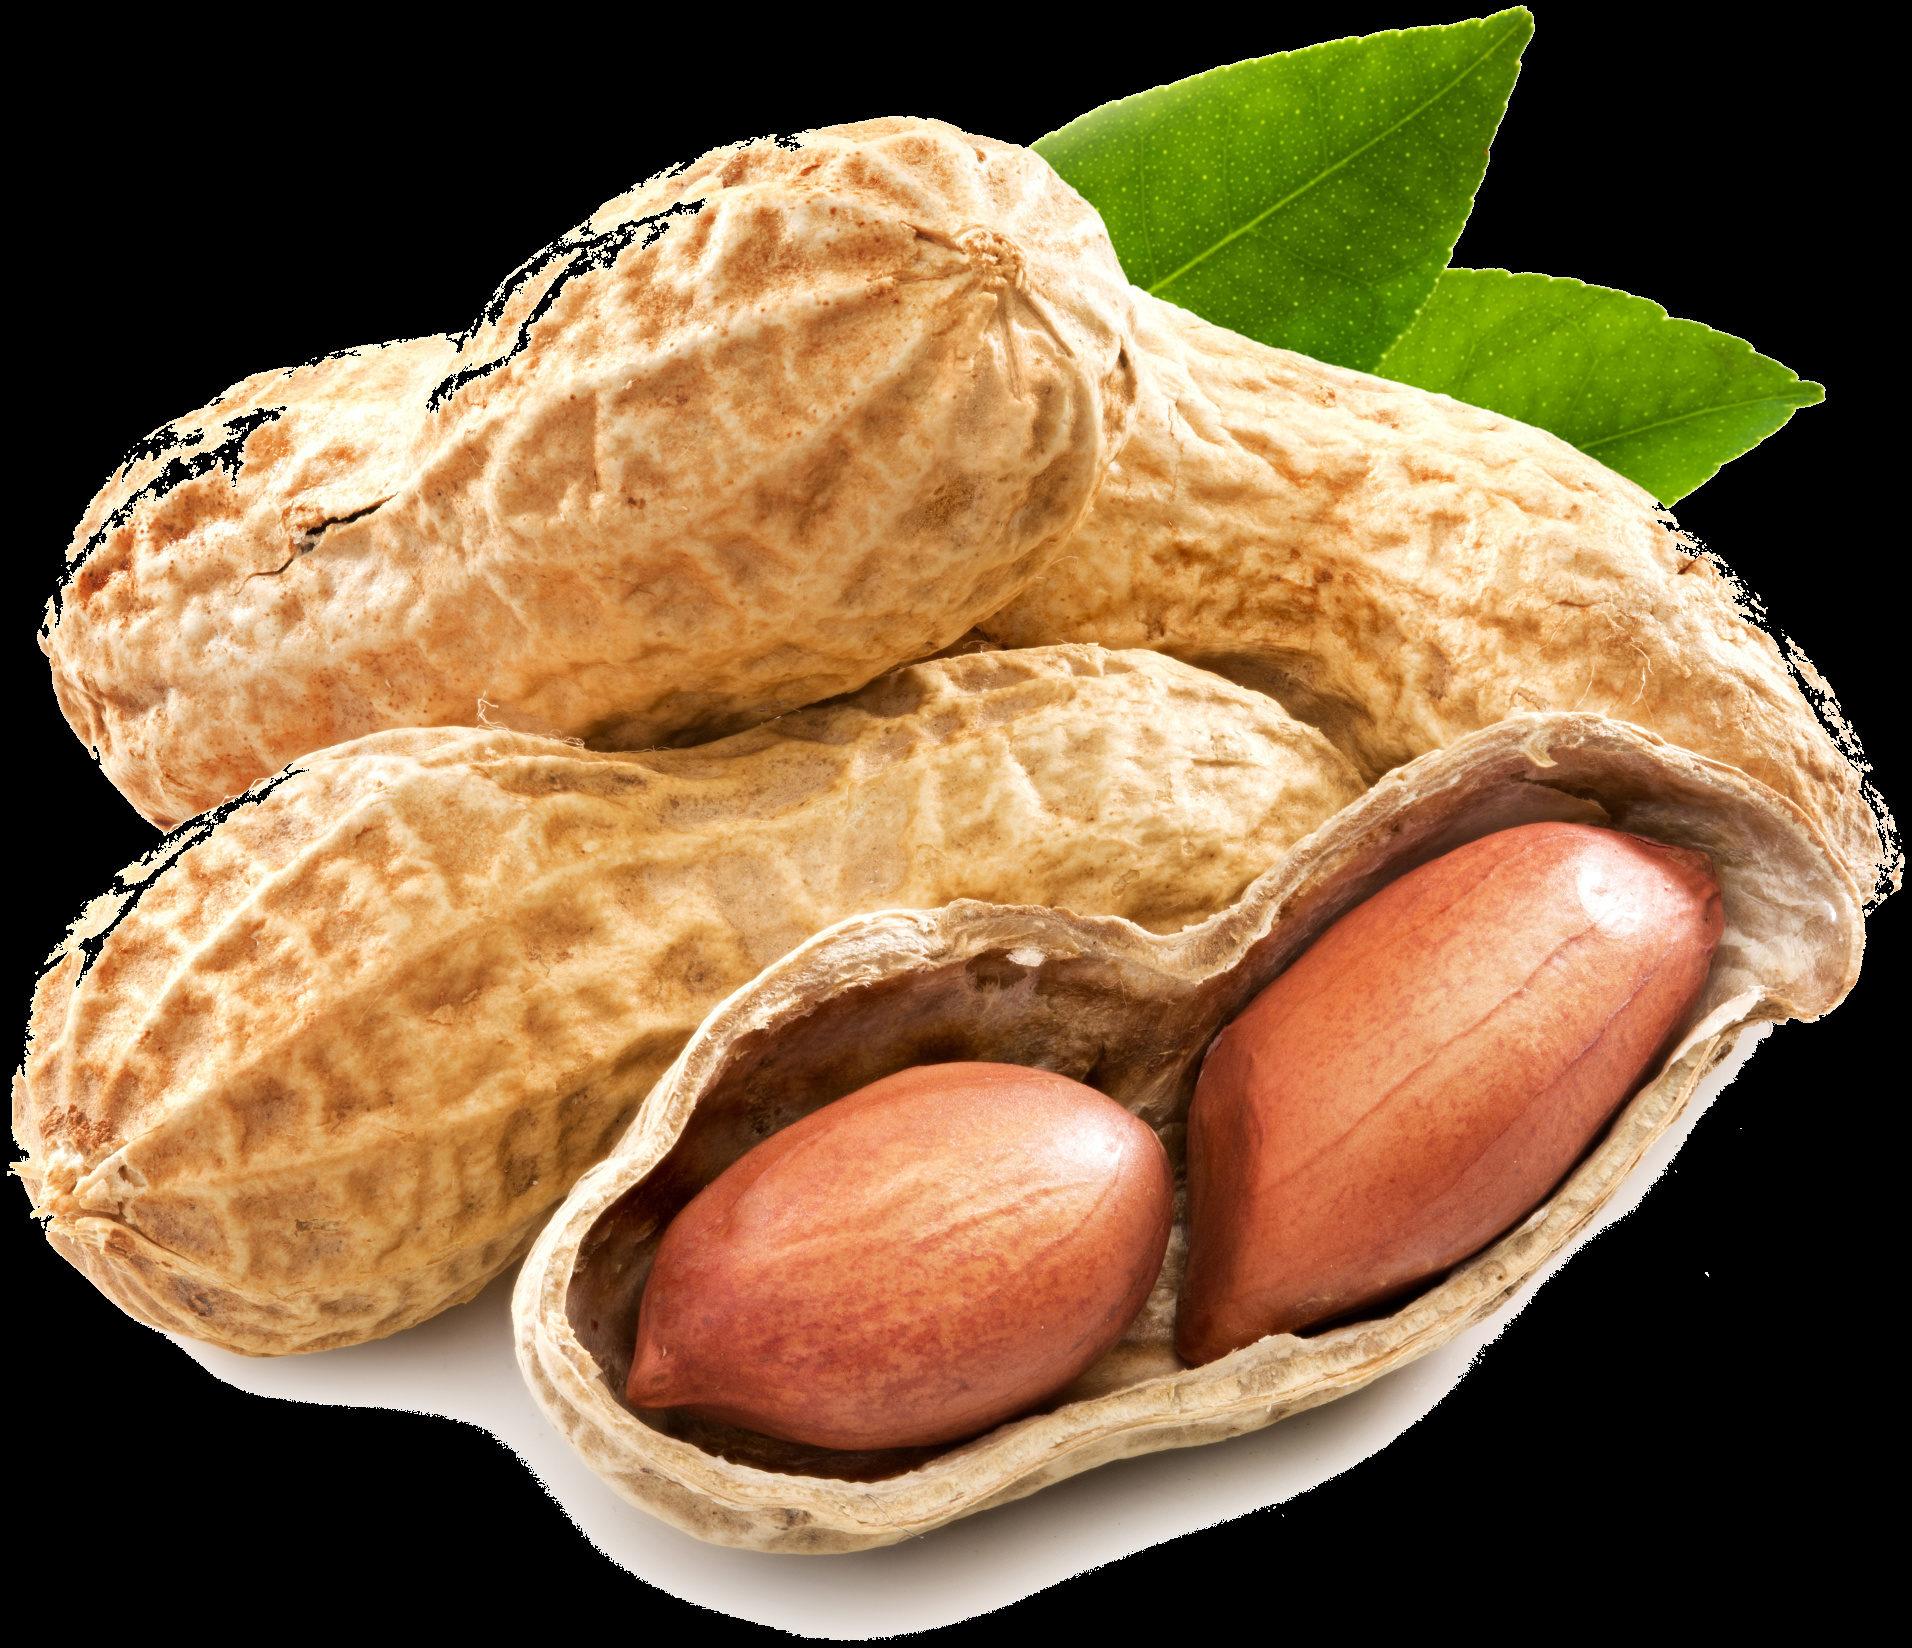 Beurre de cacahuète Fedibio - Product - fr